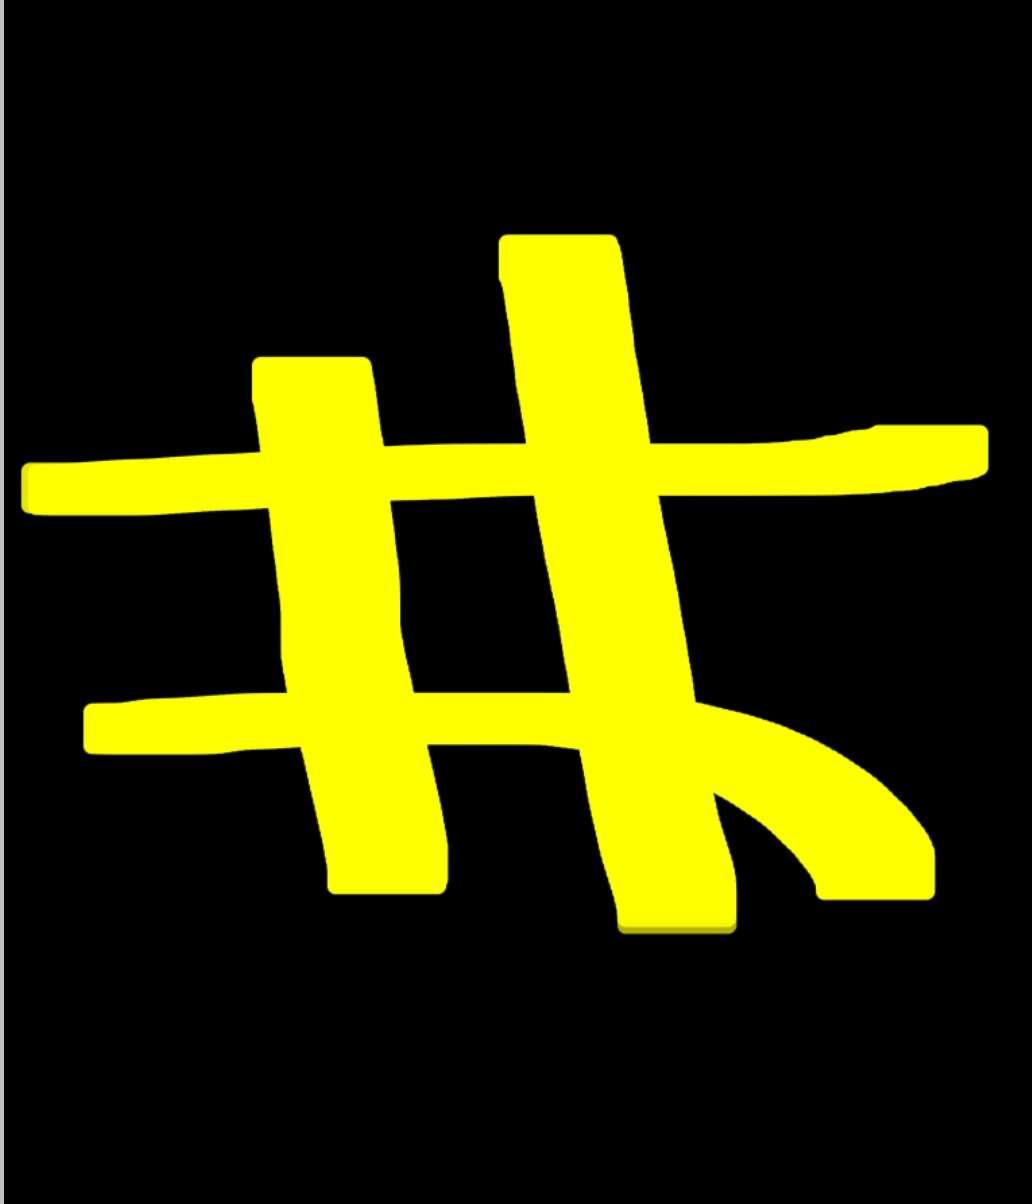 【ネタトピ】SNSでよくみるハッシュタグの#をわざと井にするトピ